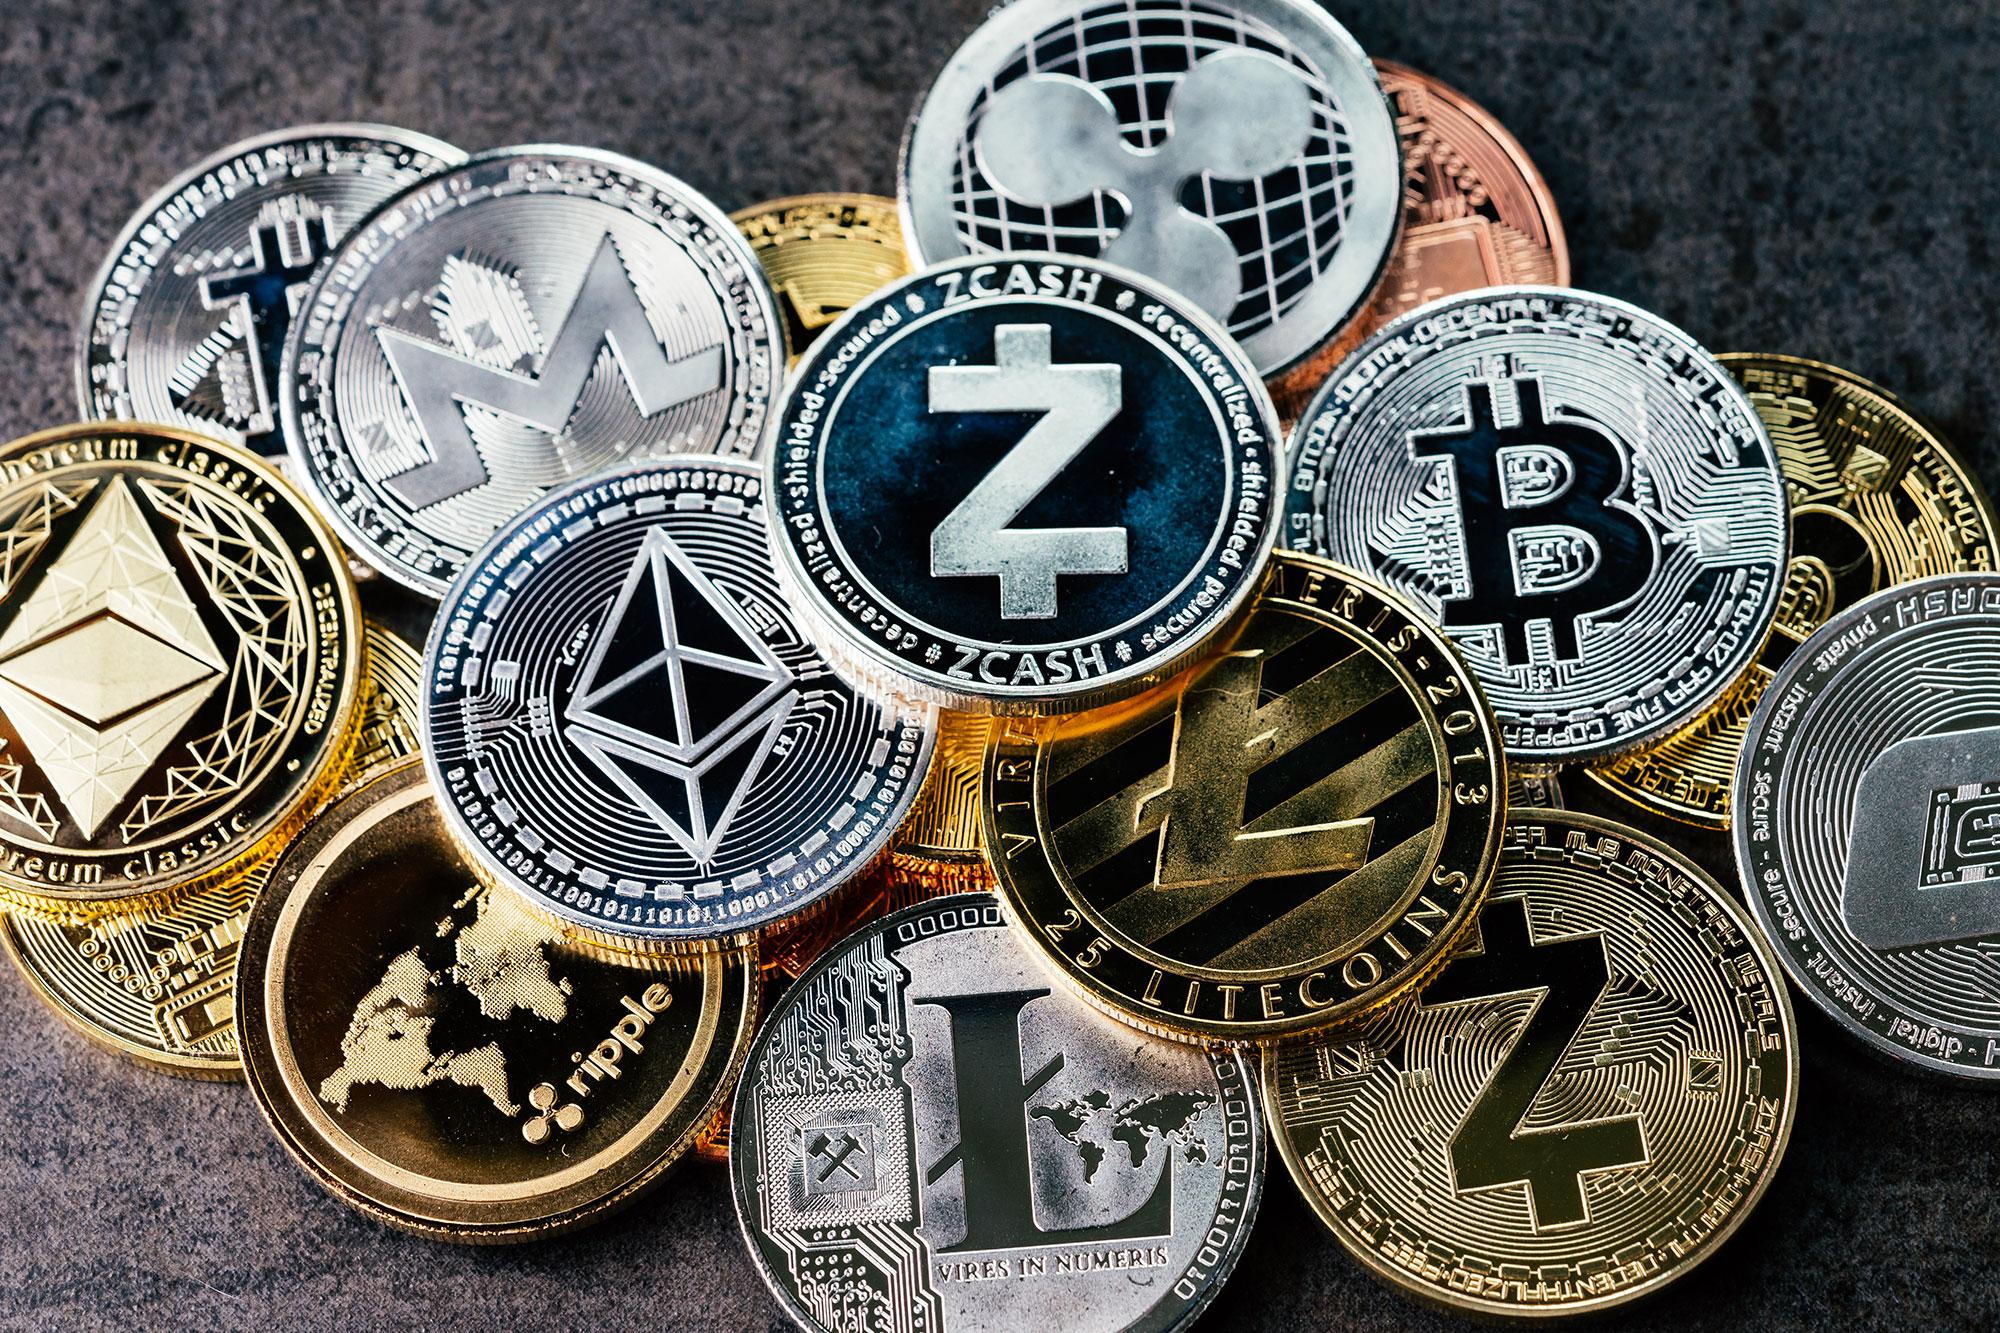 Diverses pièces de crypto-monnaie physiques.  (Image: Shutterstock)